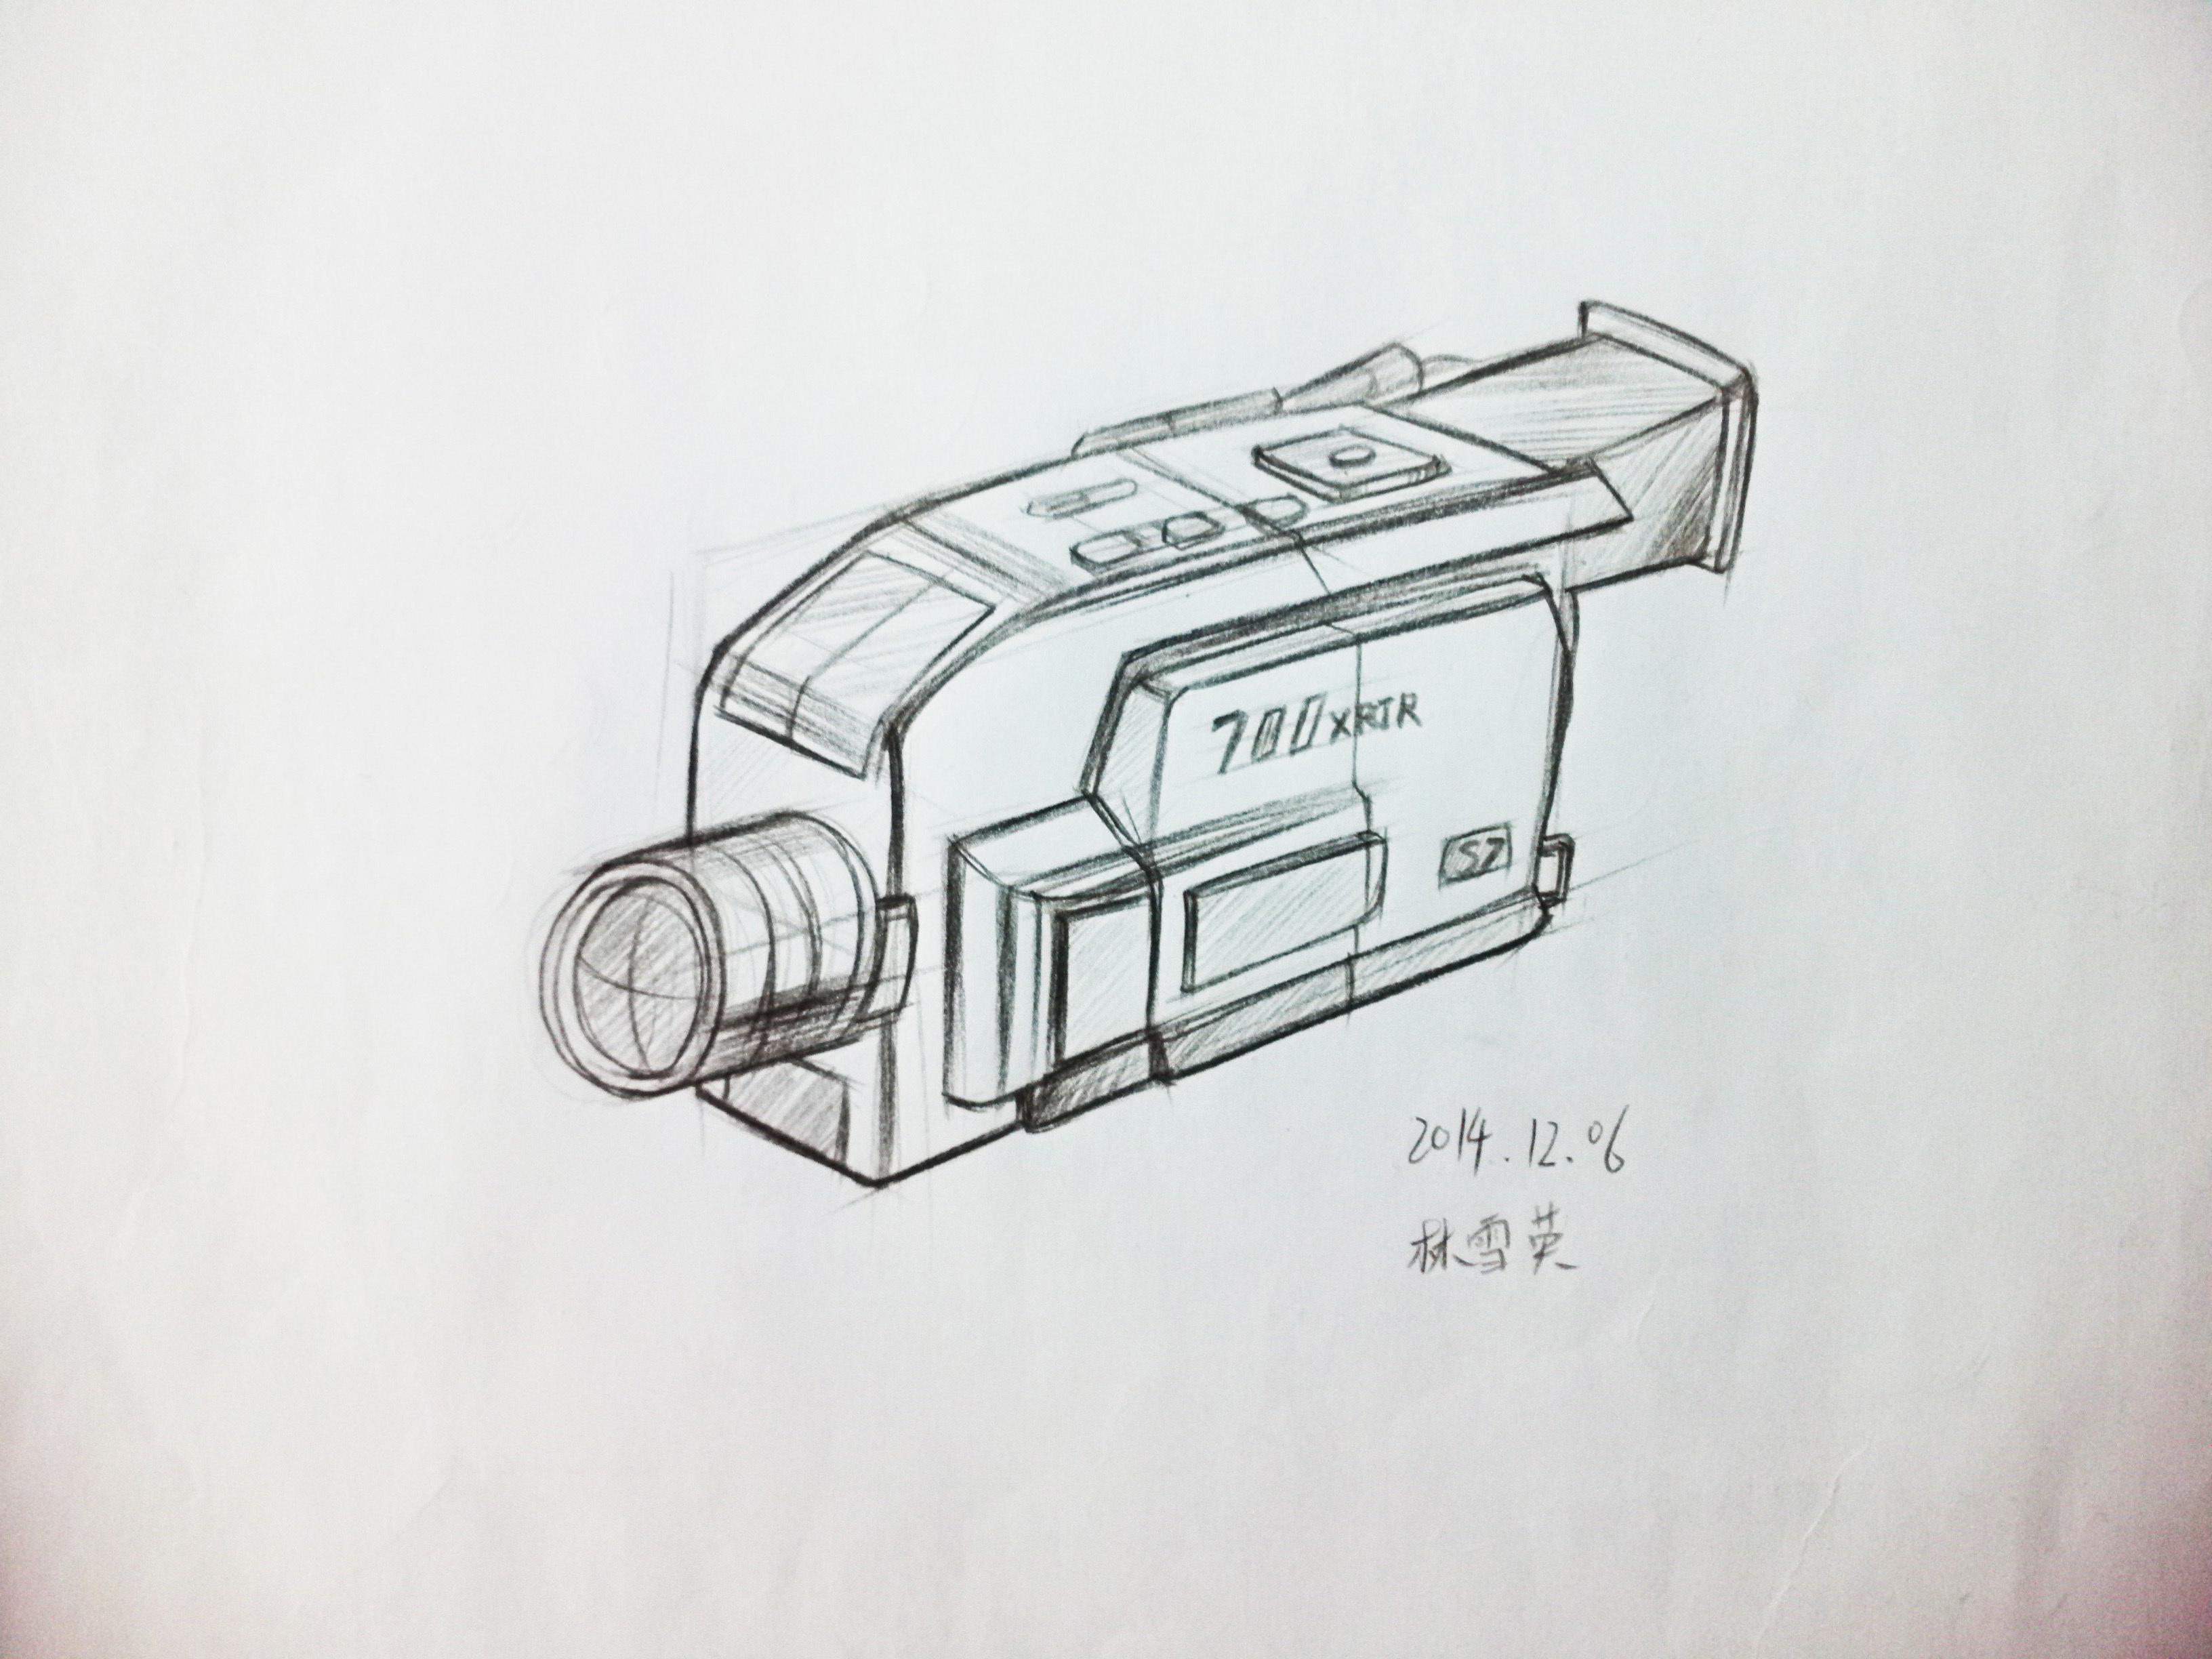 手绘|工业/产品|生活用品|dream英 - 原创作品 - 站酷